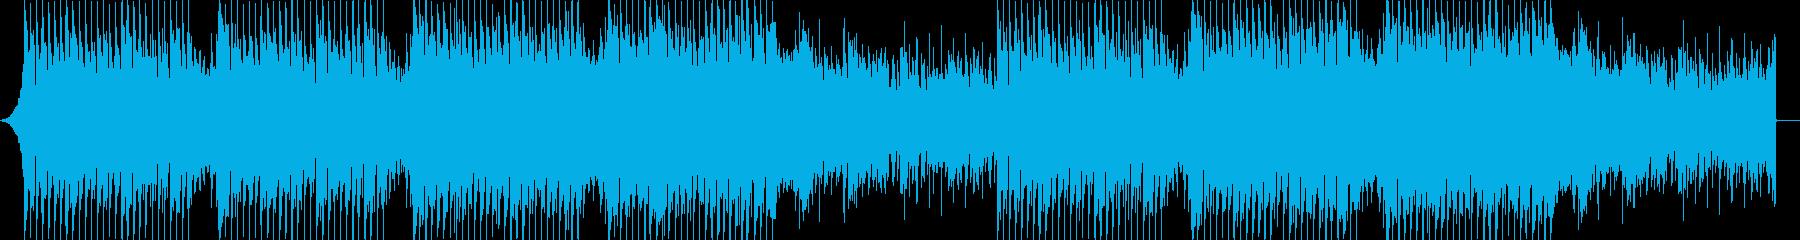 企業VPや映像に、爽やかポップ4つ打ち3の再生済みの波形